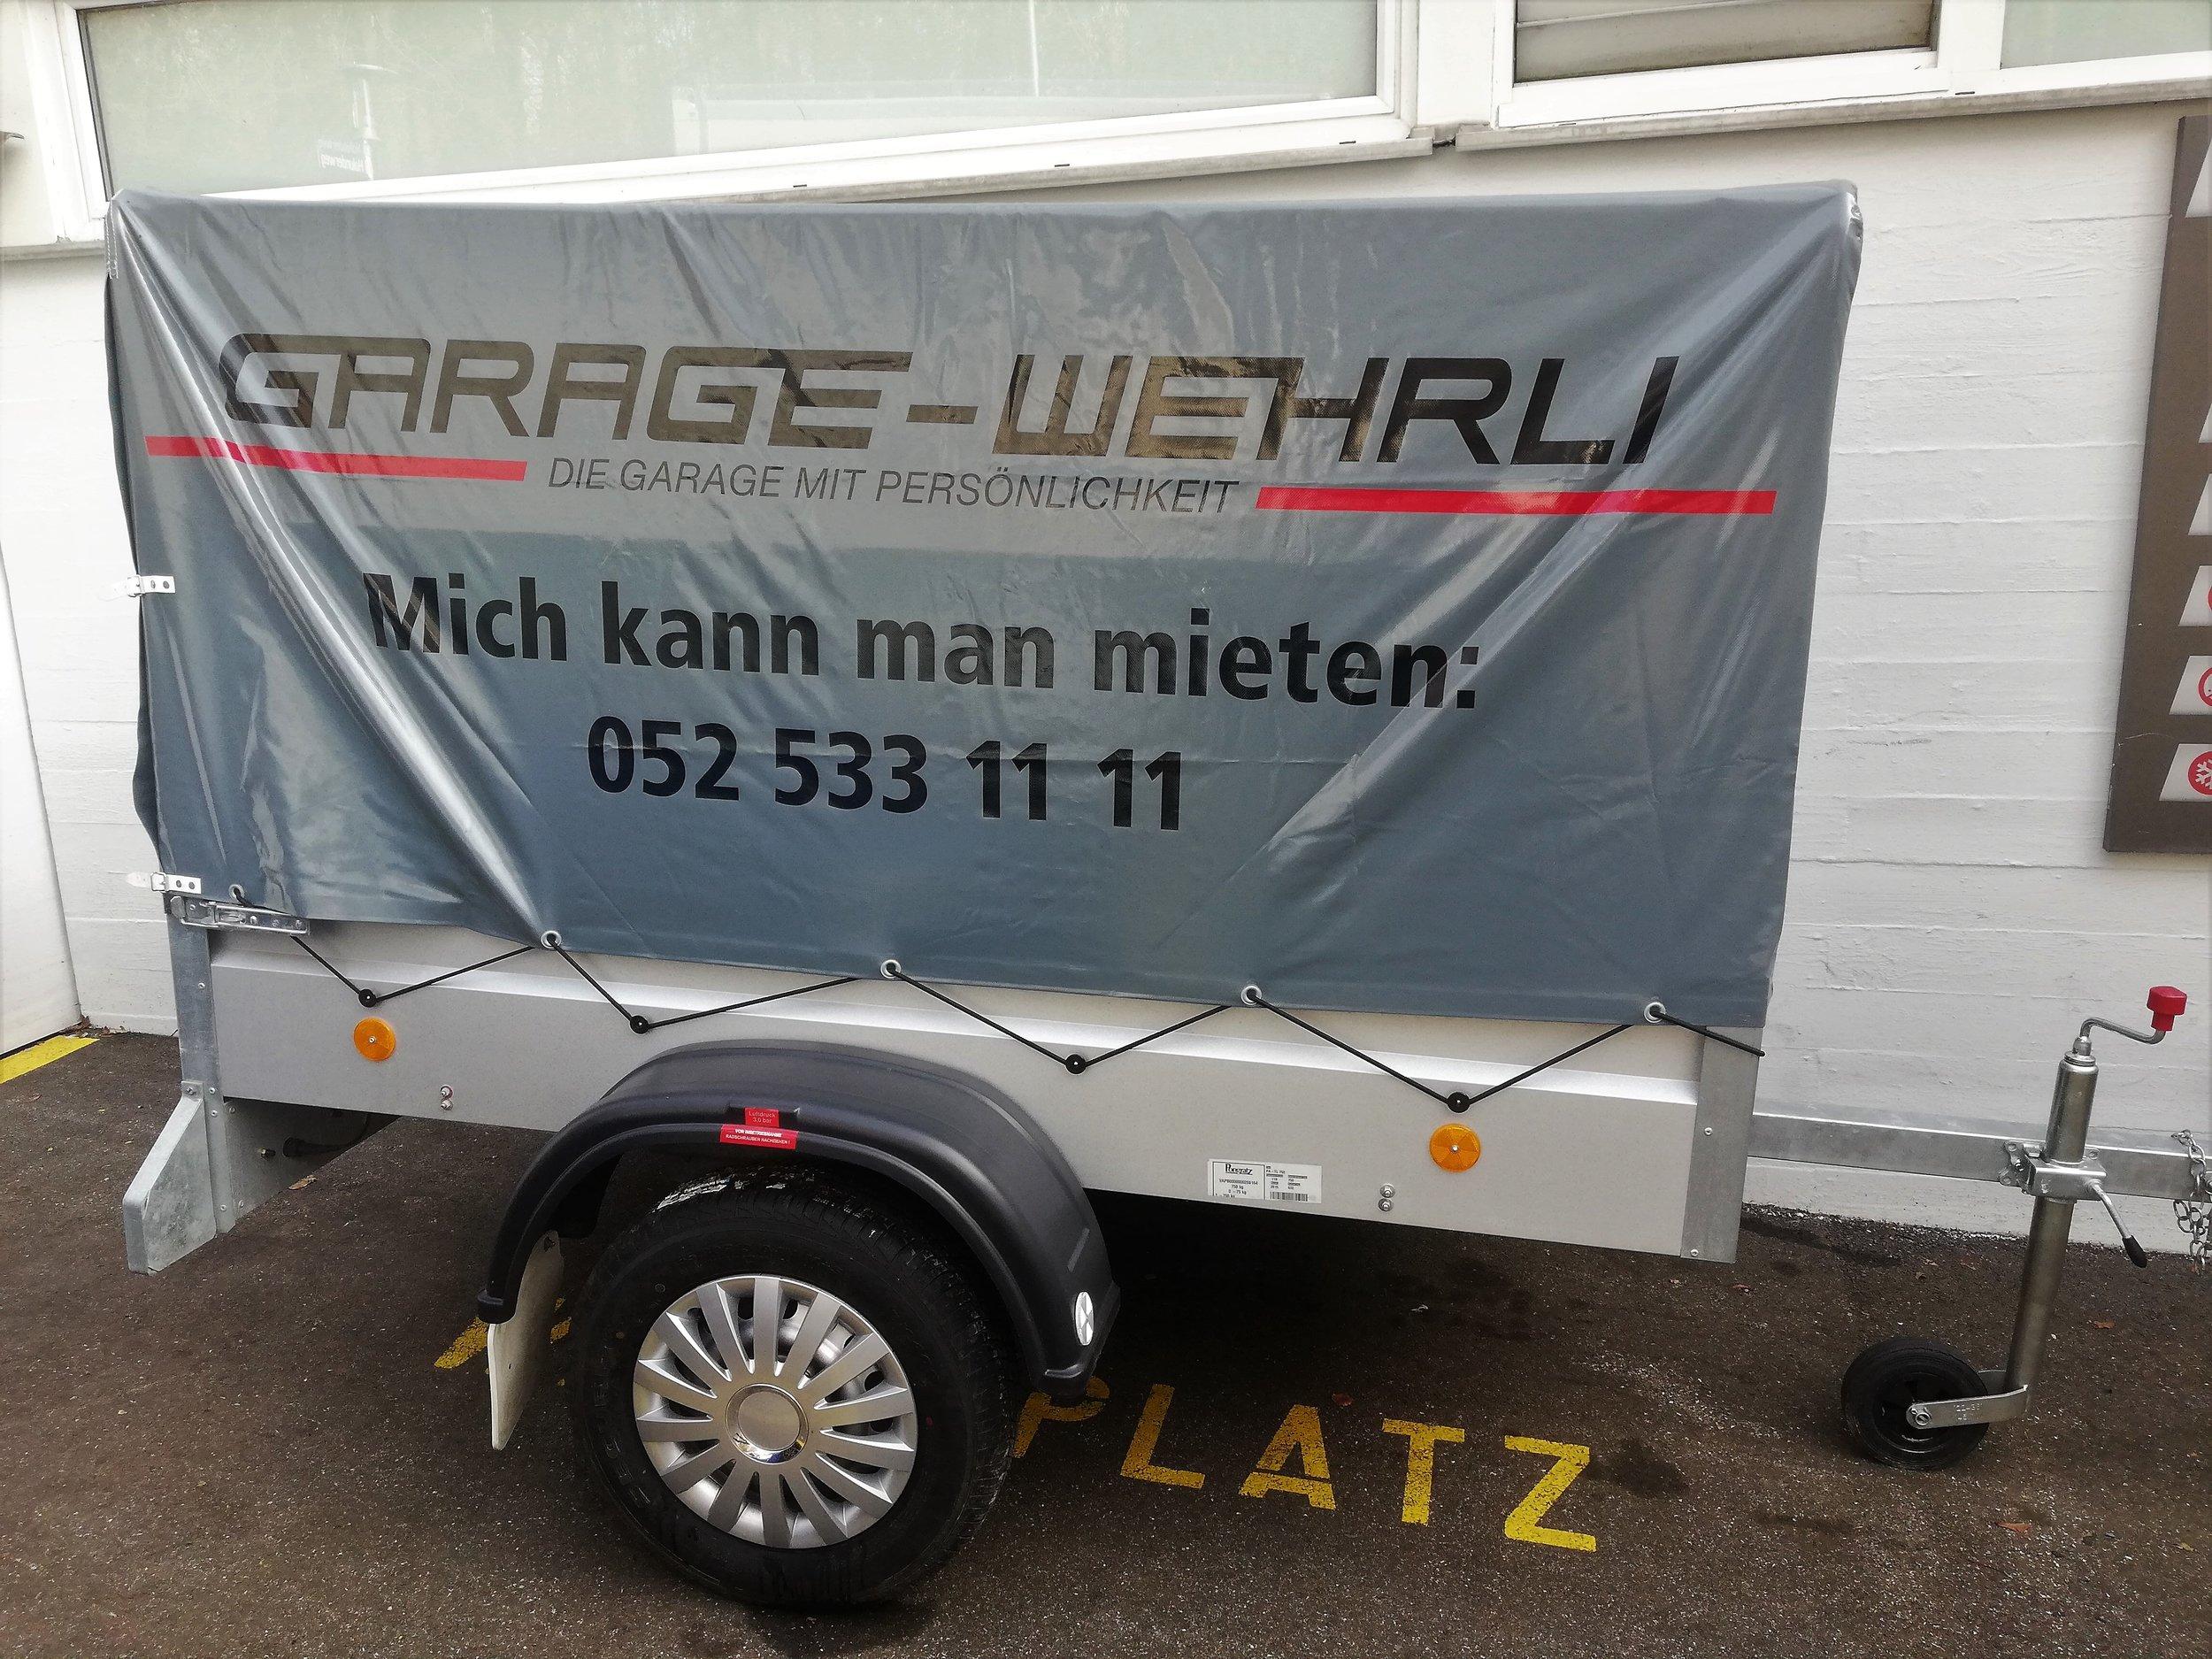 Anhänger klein 750kg   -  ideal für den Transport von kleinen bis mittelgrossen Gütern  -  Blachenanhänger  -  fahrbar ohne Anhängerprüfung  -  Leergewicht: ca. 135 kg, Zuladung: ca. 615 kg    Fr. 39.- pro Tag